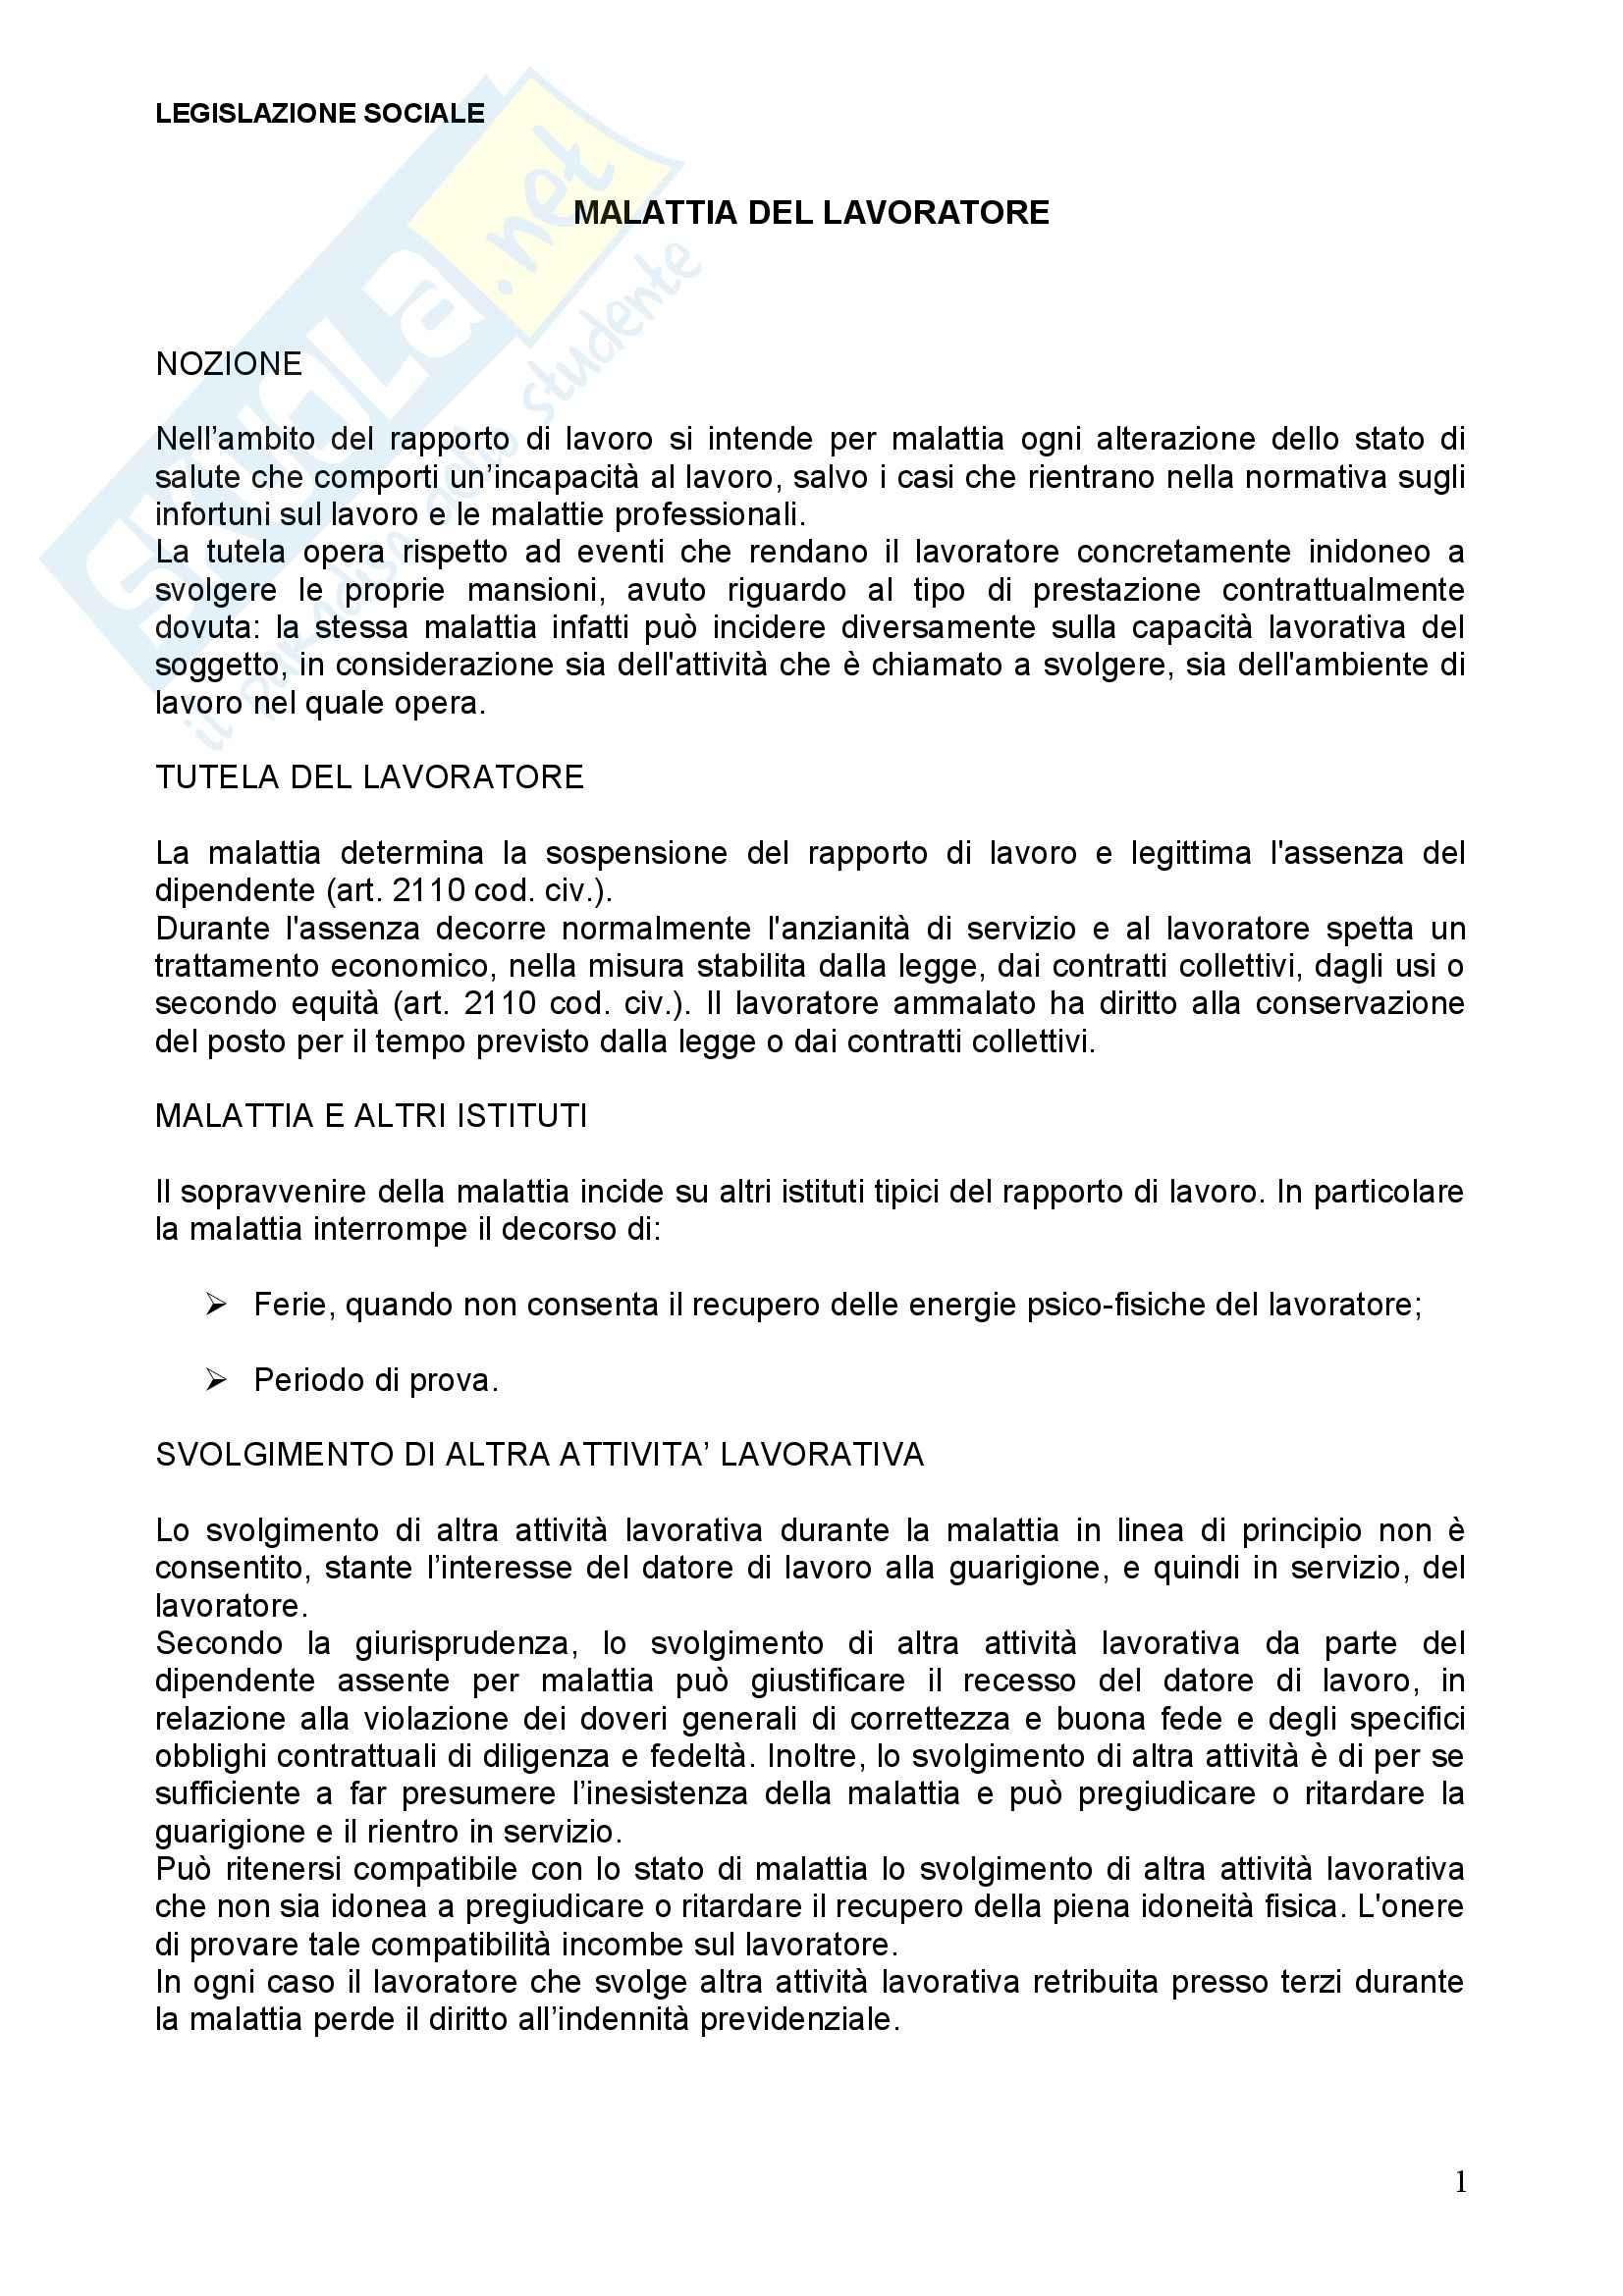 Diritto del lavoro - malattia del lavoratore